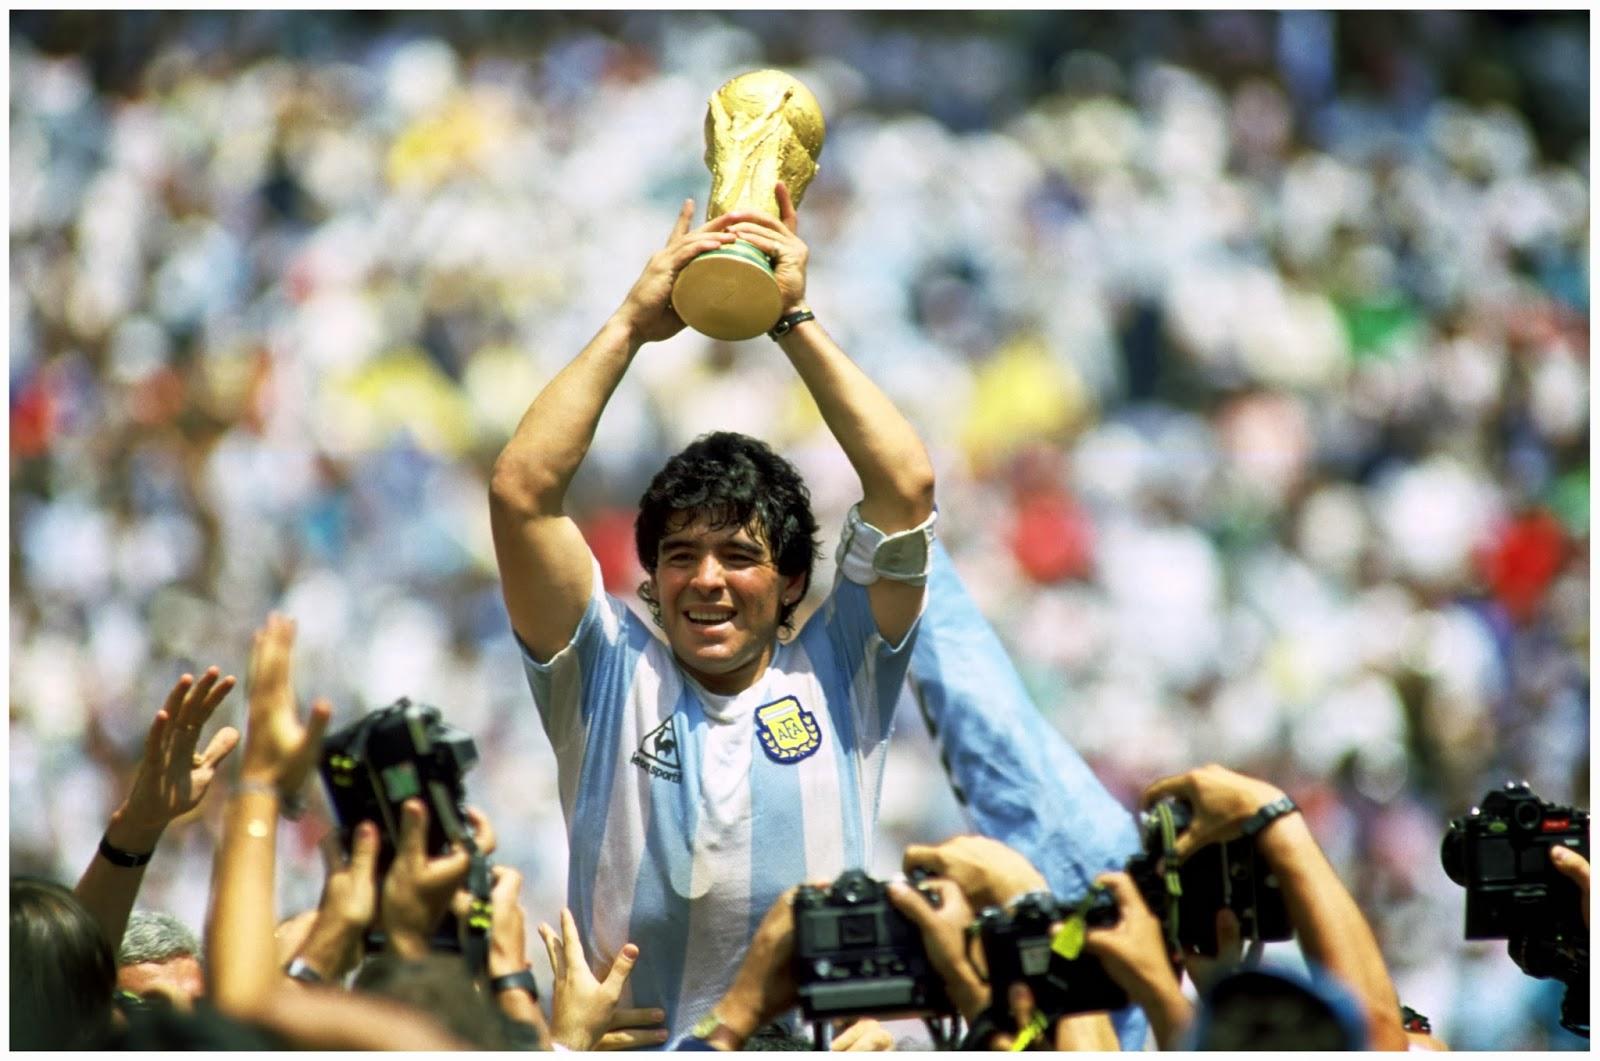 maradona - photo #28